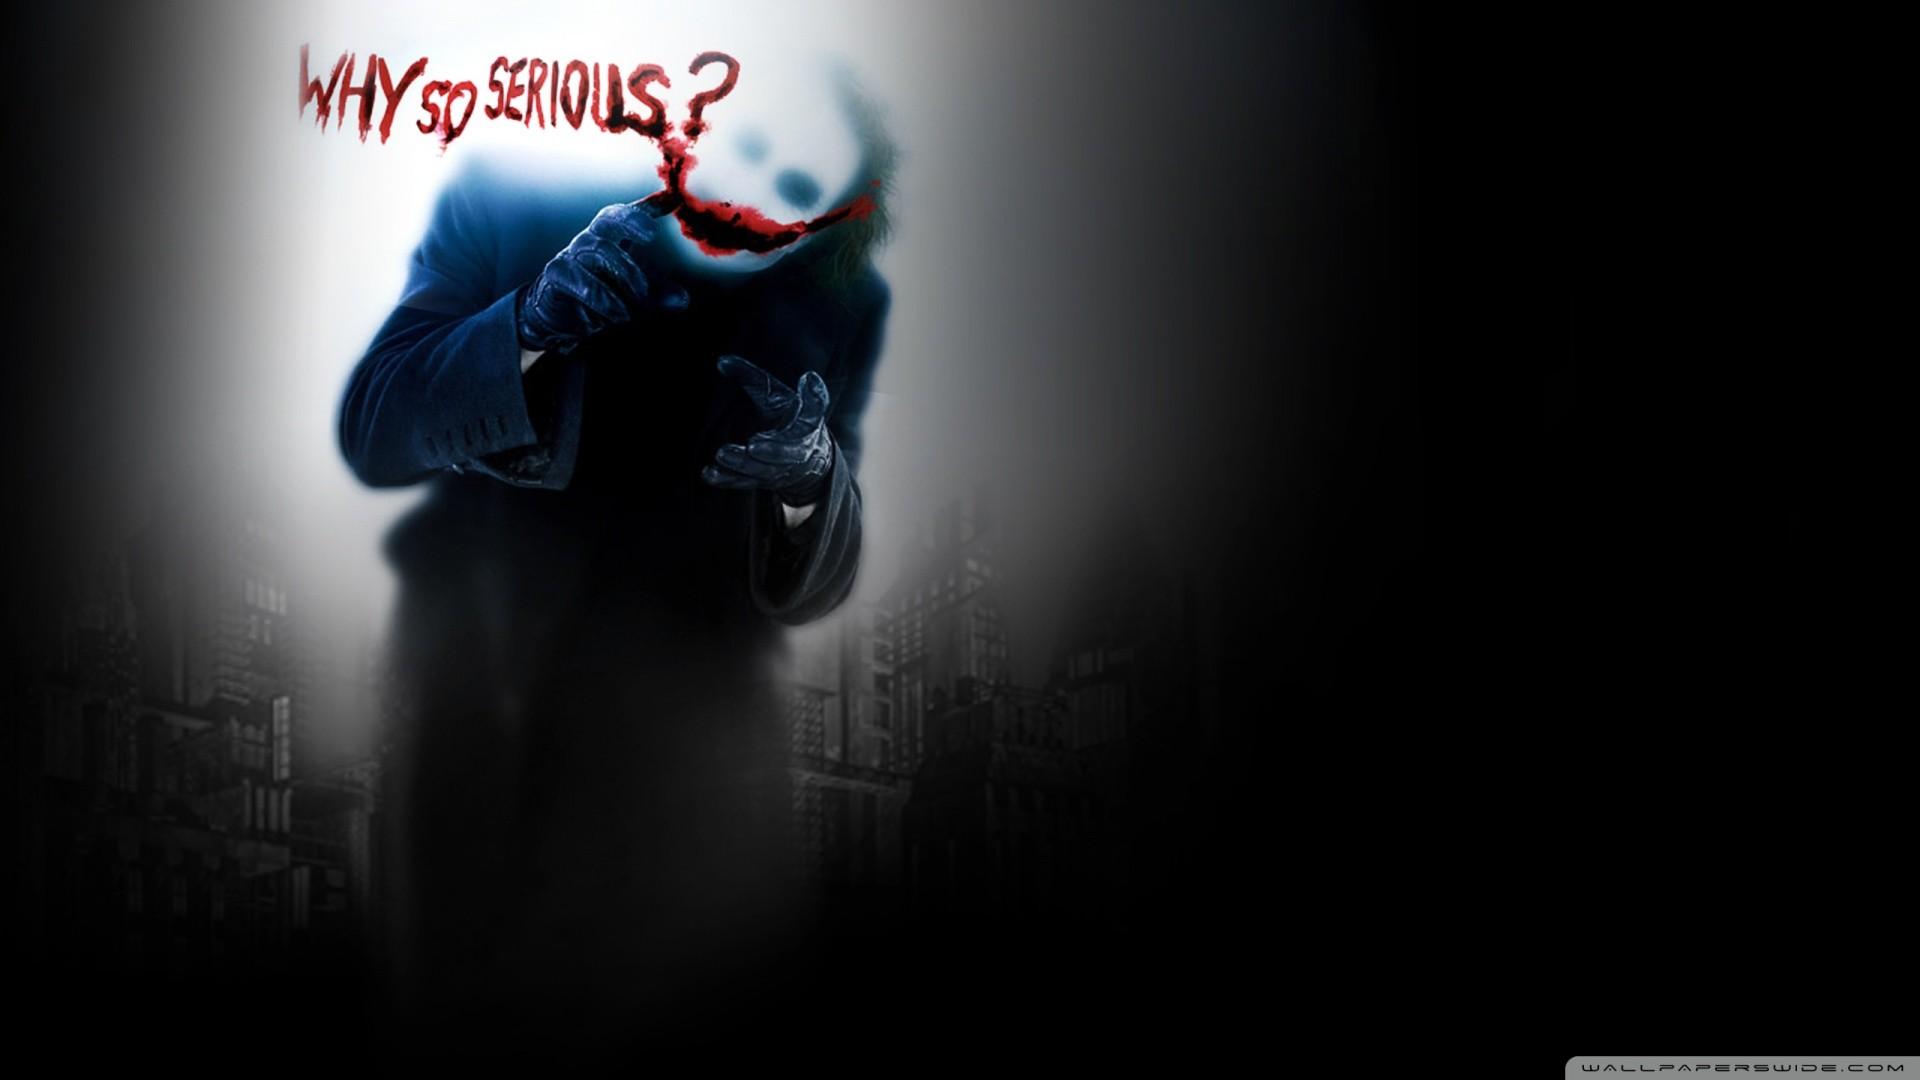 Joker Dark Knight Wallpaper Hd wallpaper – 893148